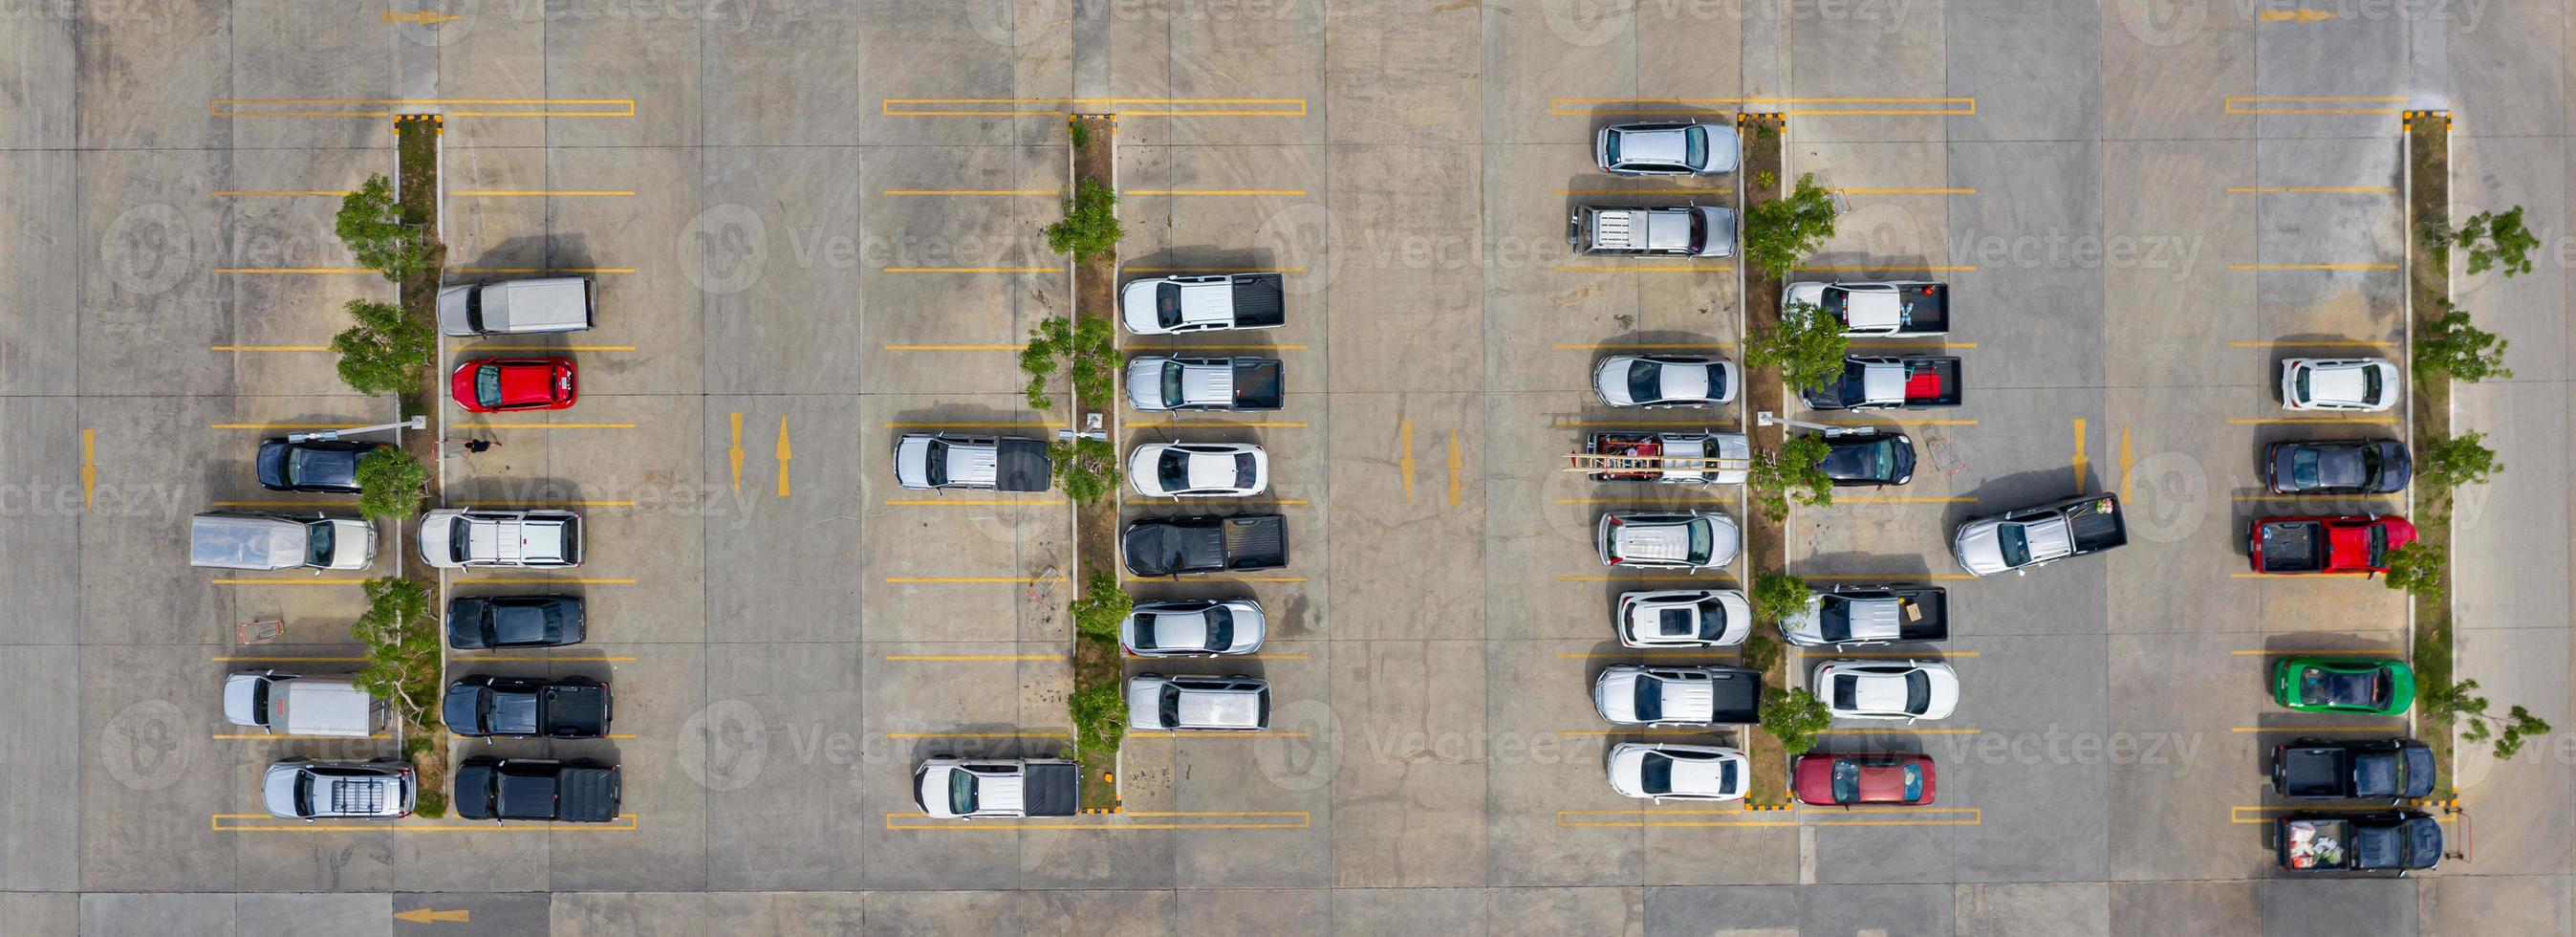 groupe de voitures dans un parking photo